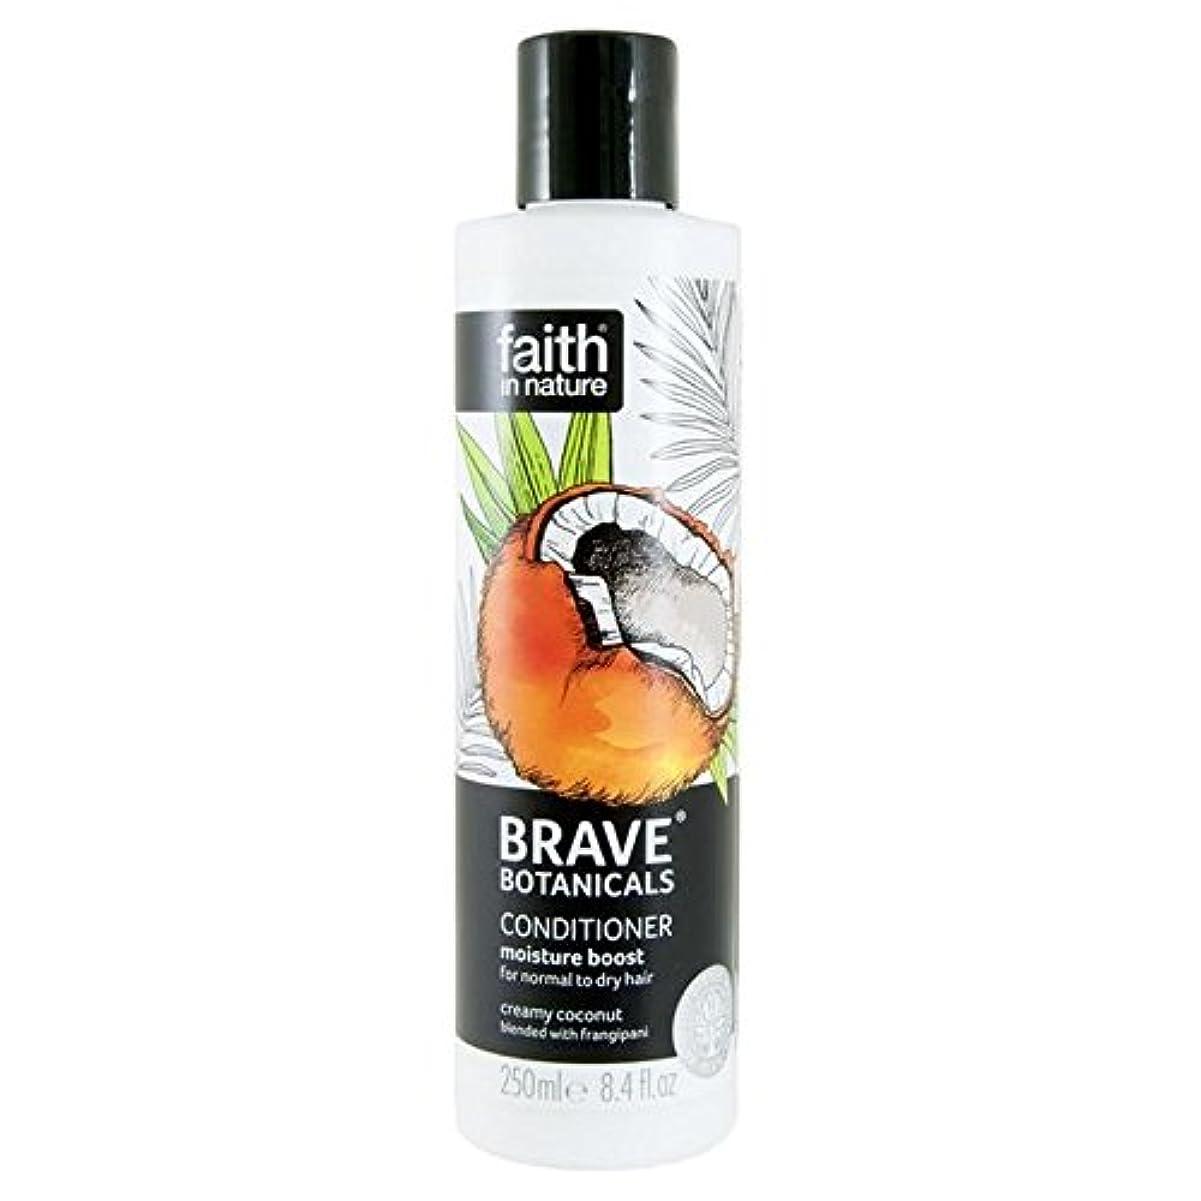 デコレーション宇宙飛行士望むBrave Botanicals Coconut & Frangipani Moisture Boost Conditioner 250ml (Pack of 2) - (Faith In Nature) 勇敢な植物ココナッツ...